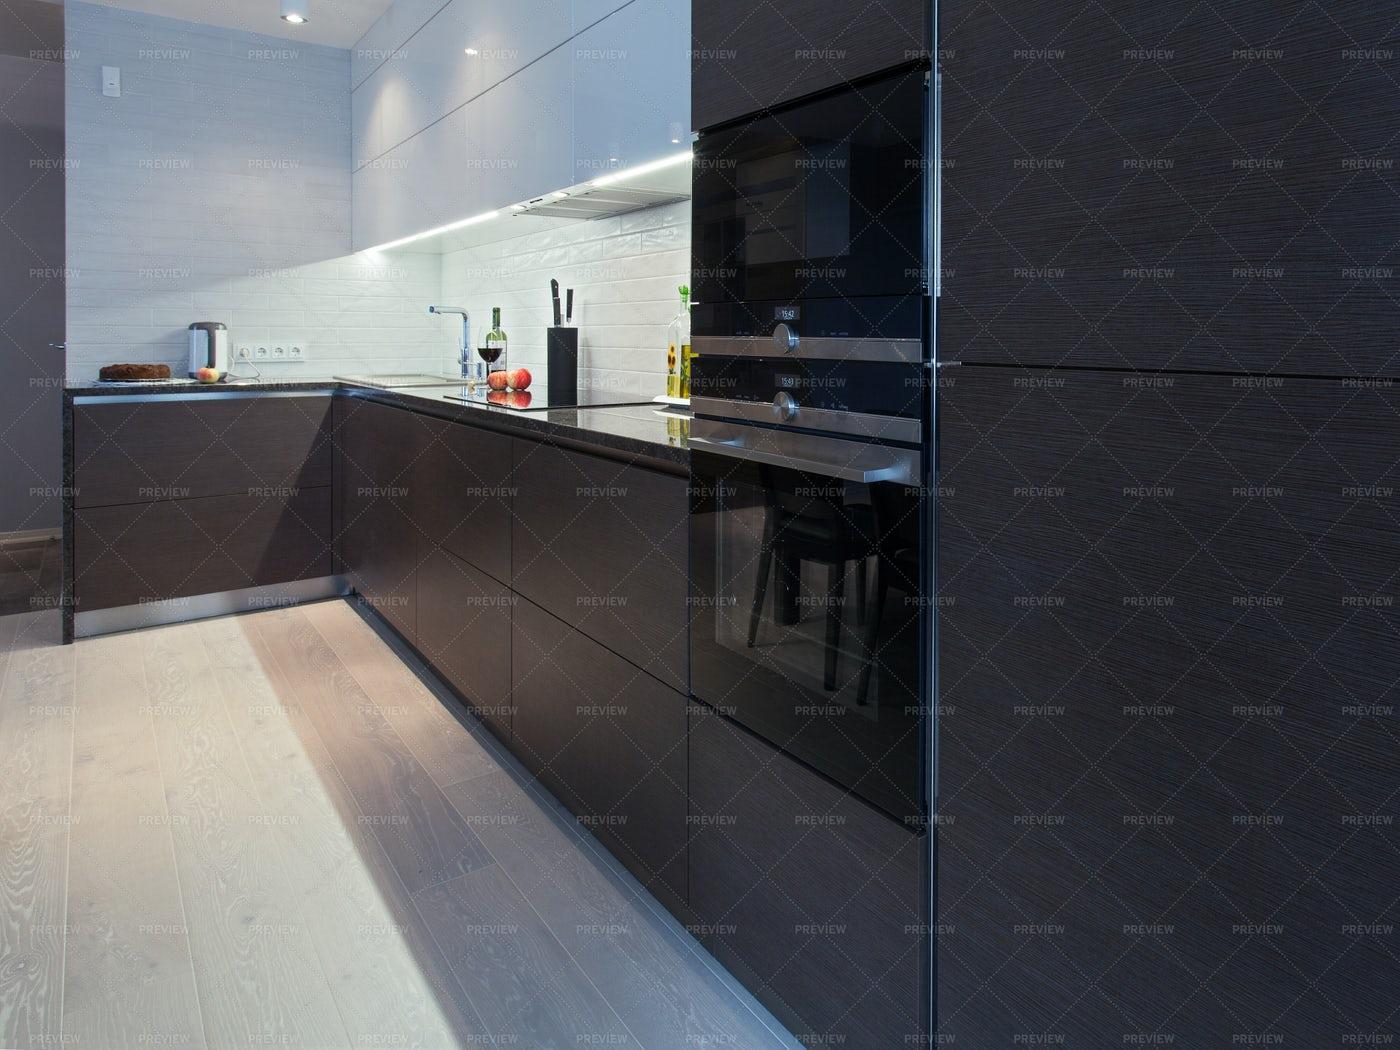 Dark Cabinets In Kitchen: Stock Photos